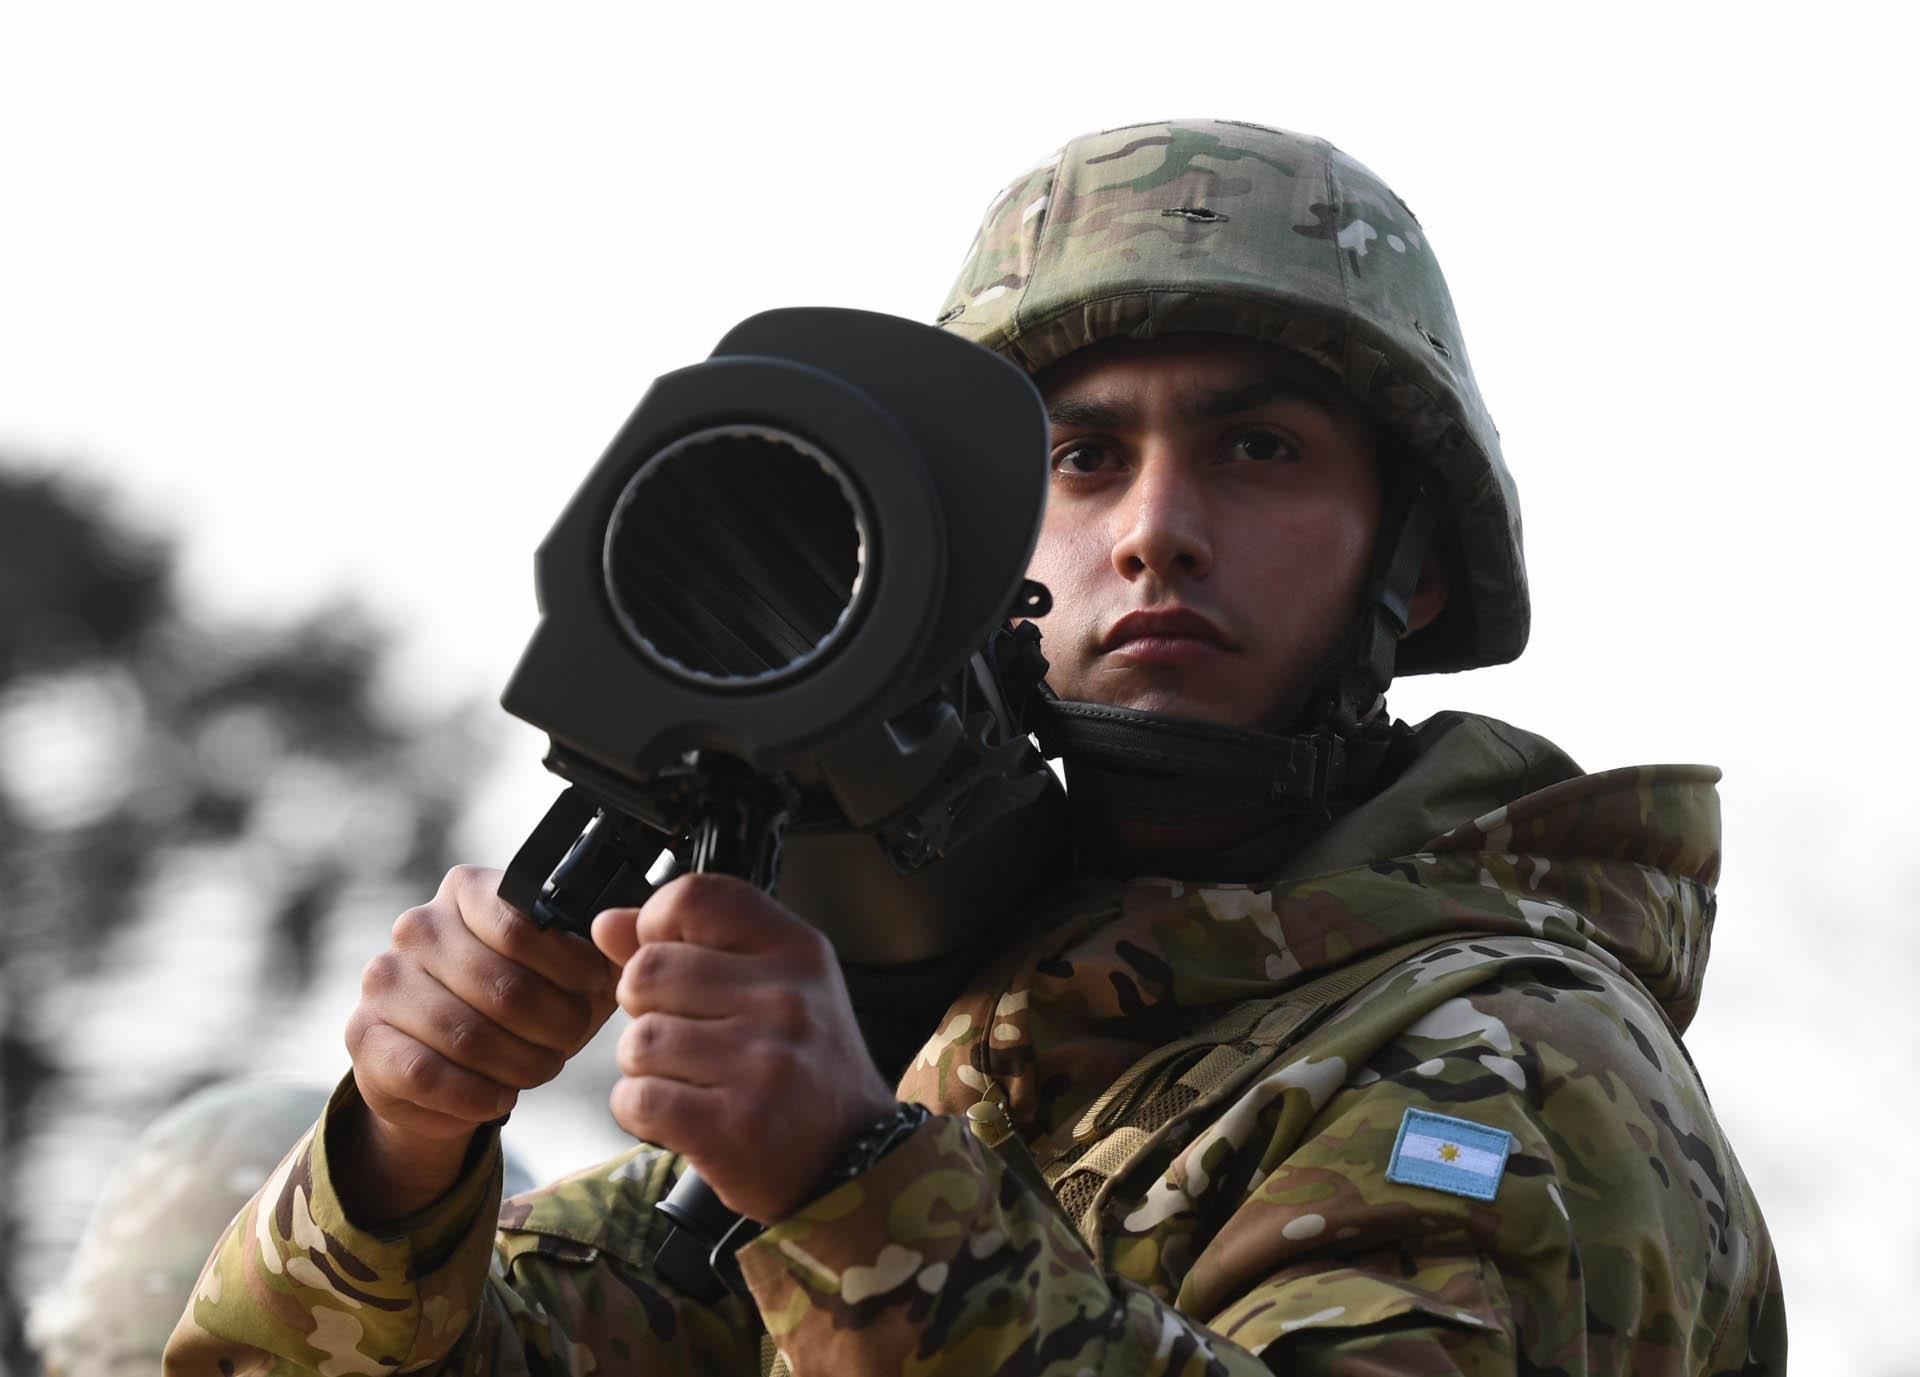 Un soldado del Ejército argentino lleva un lanzacohetes portátil